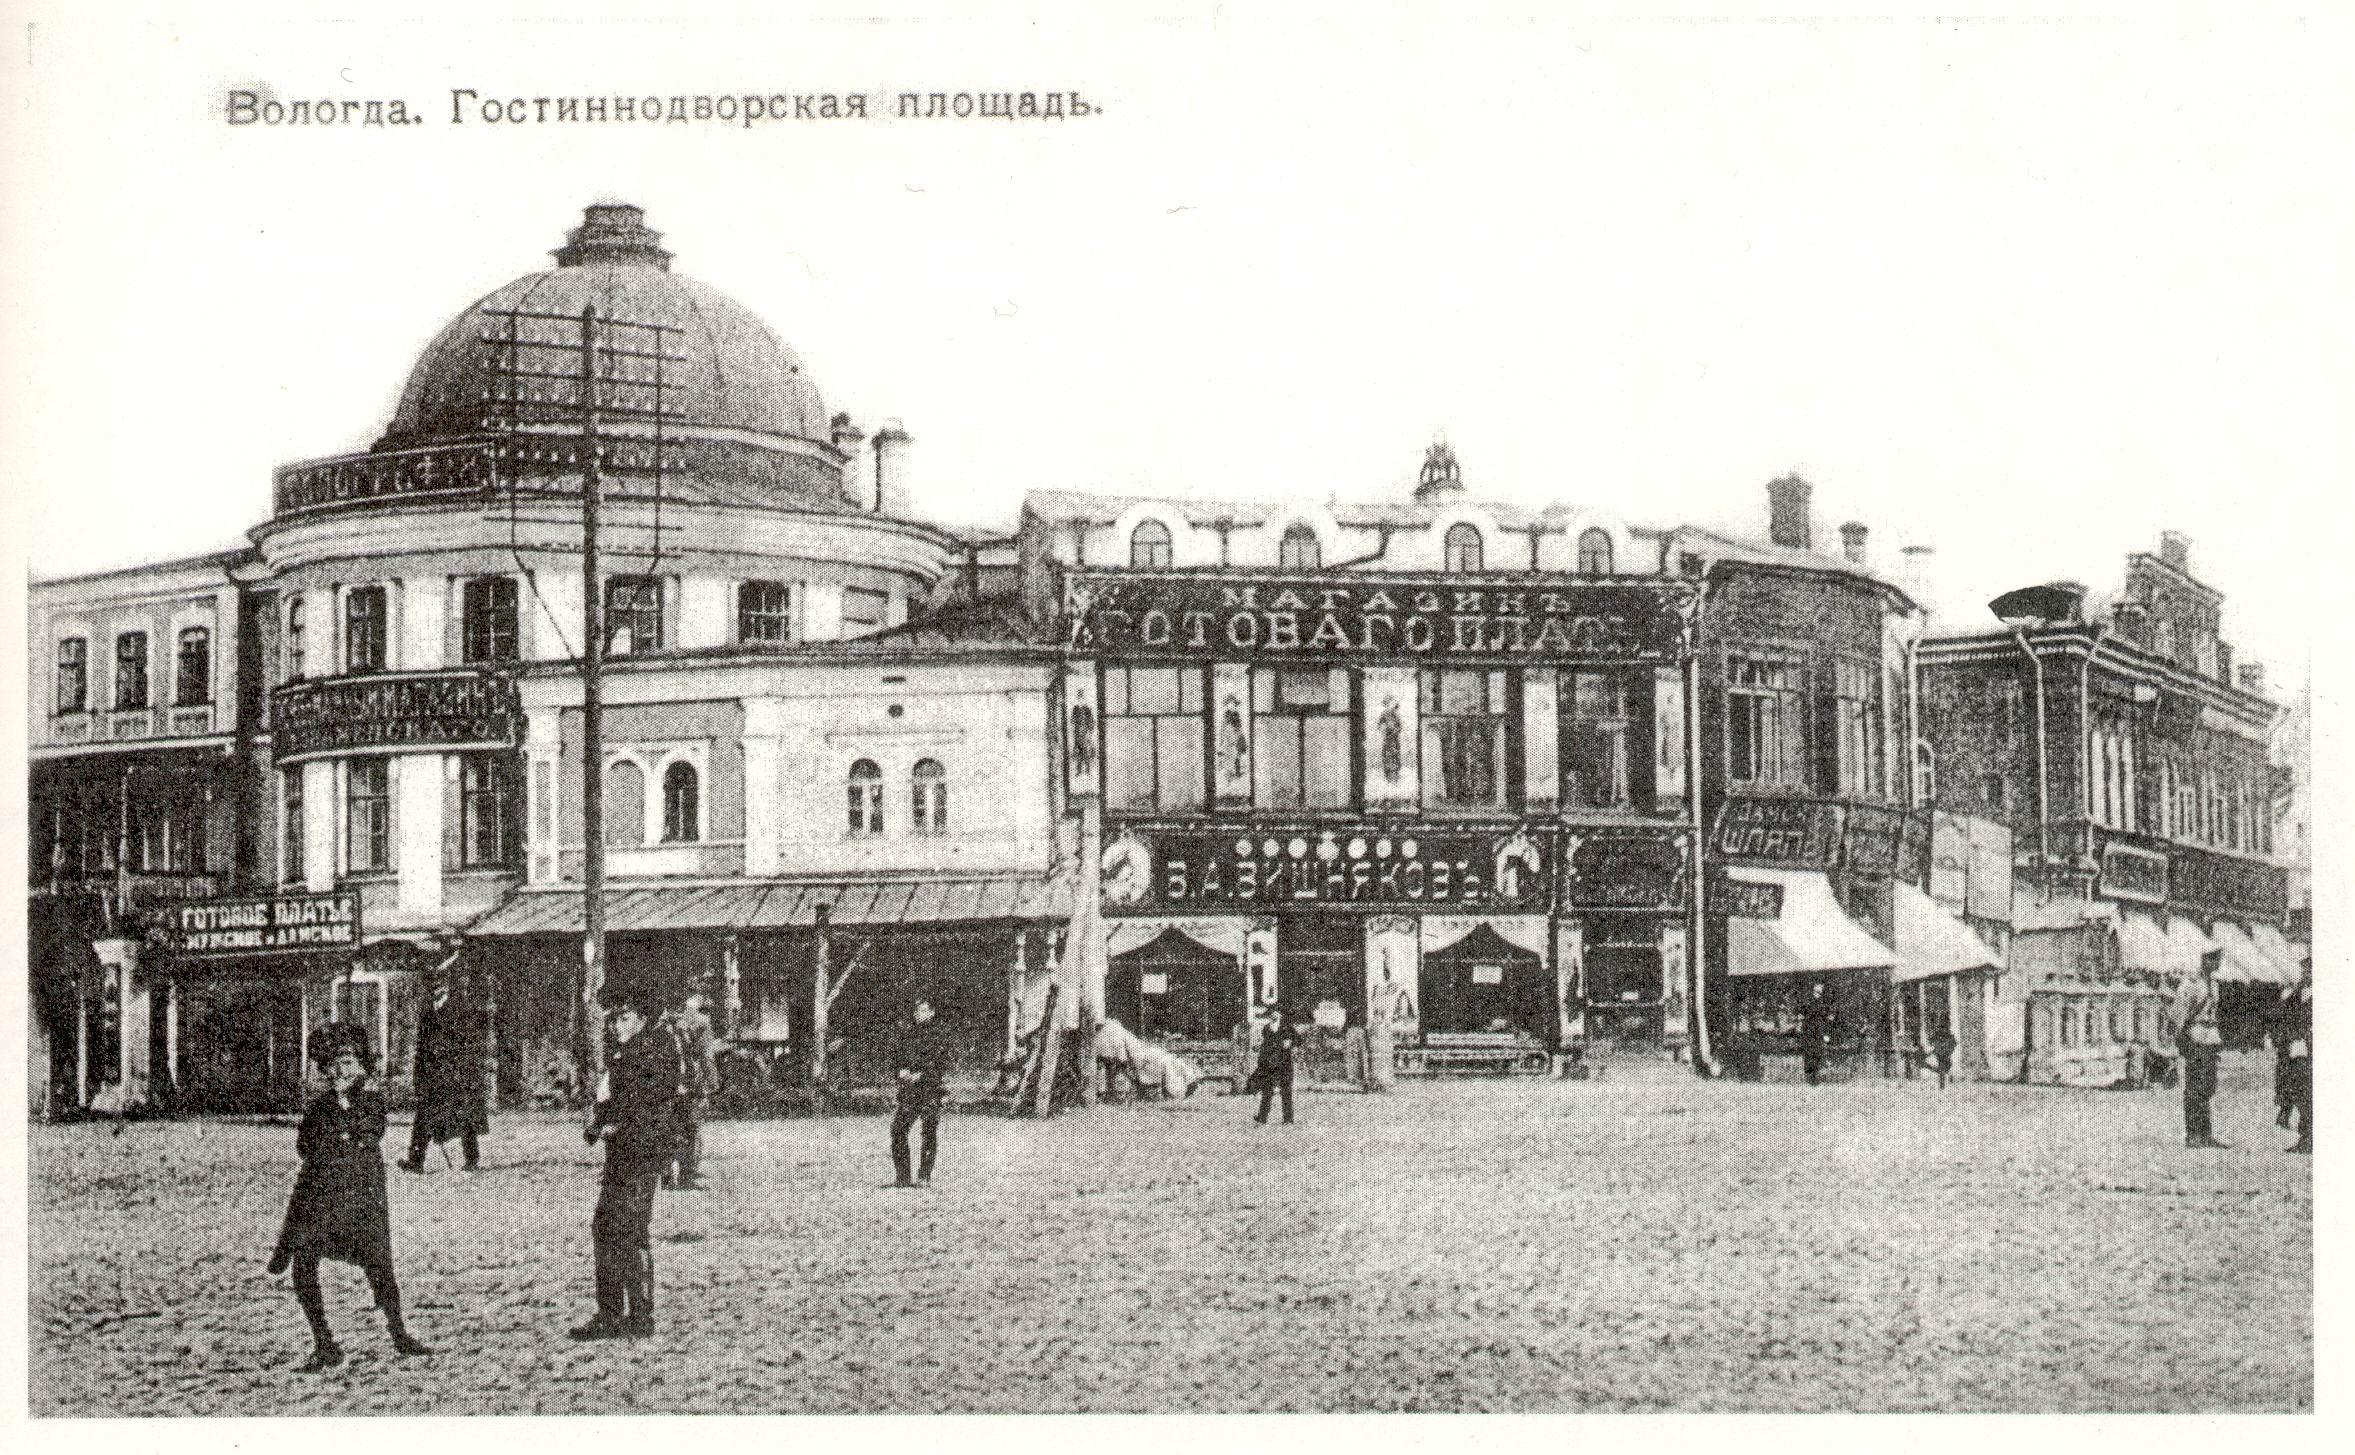 Гостинодворская площадь